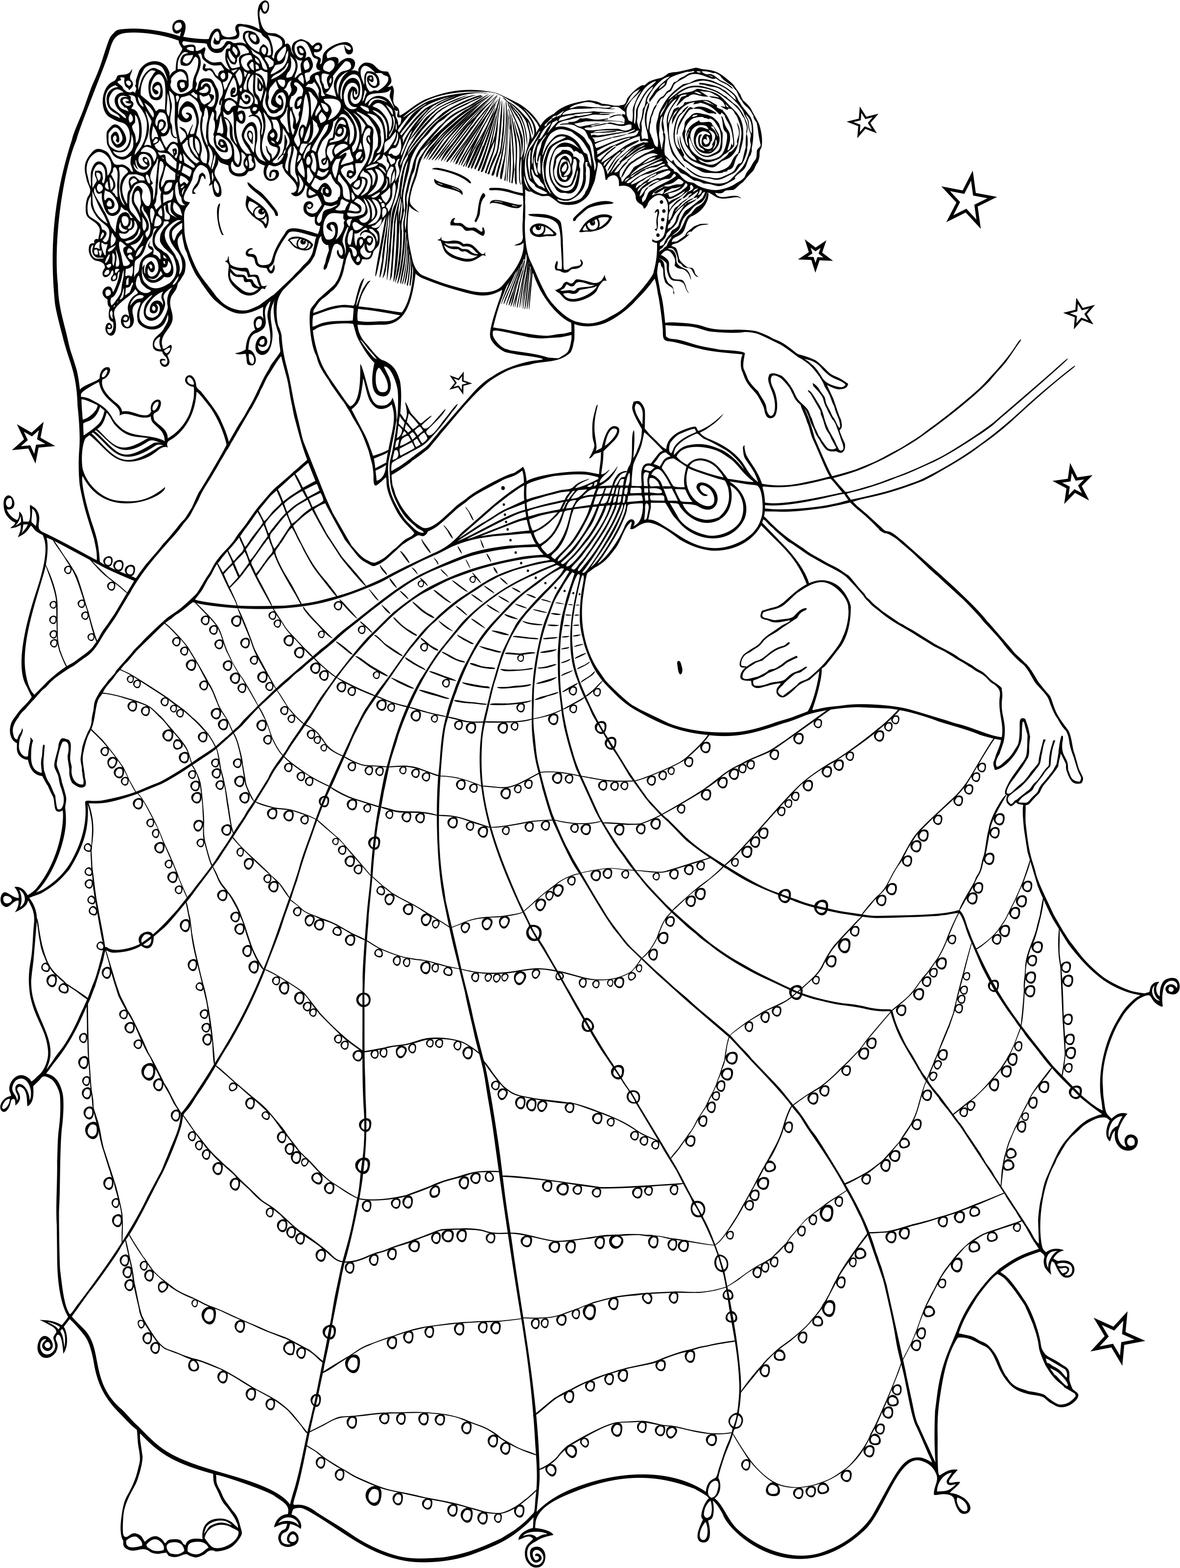 15. sisters of joy